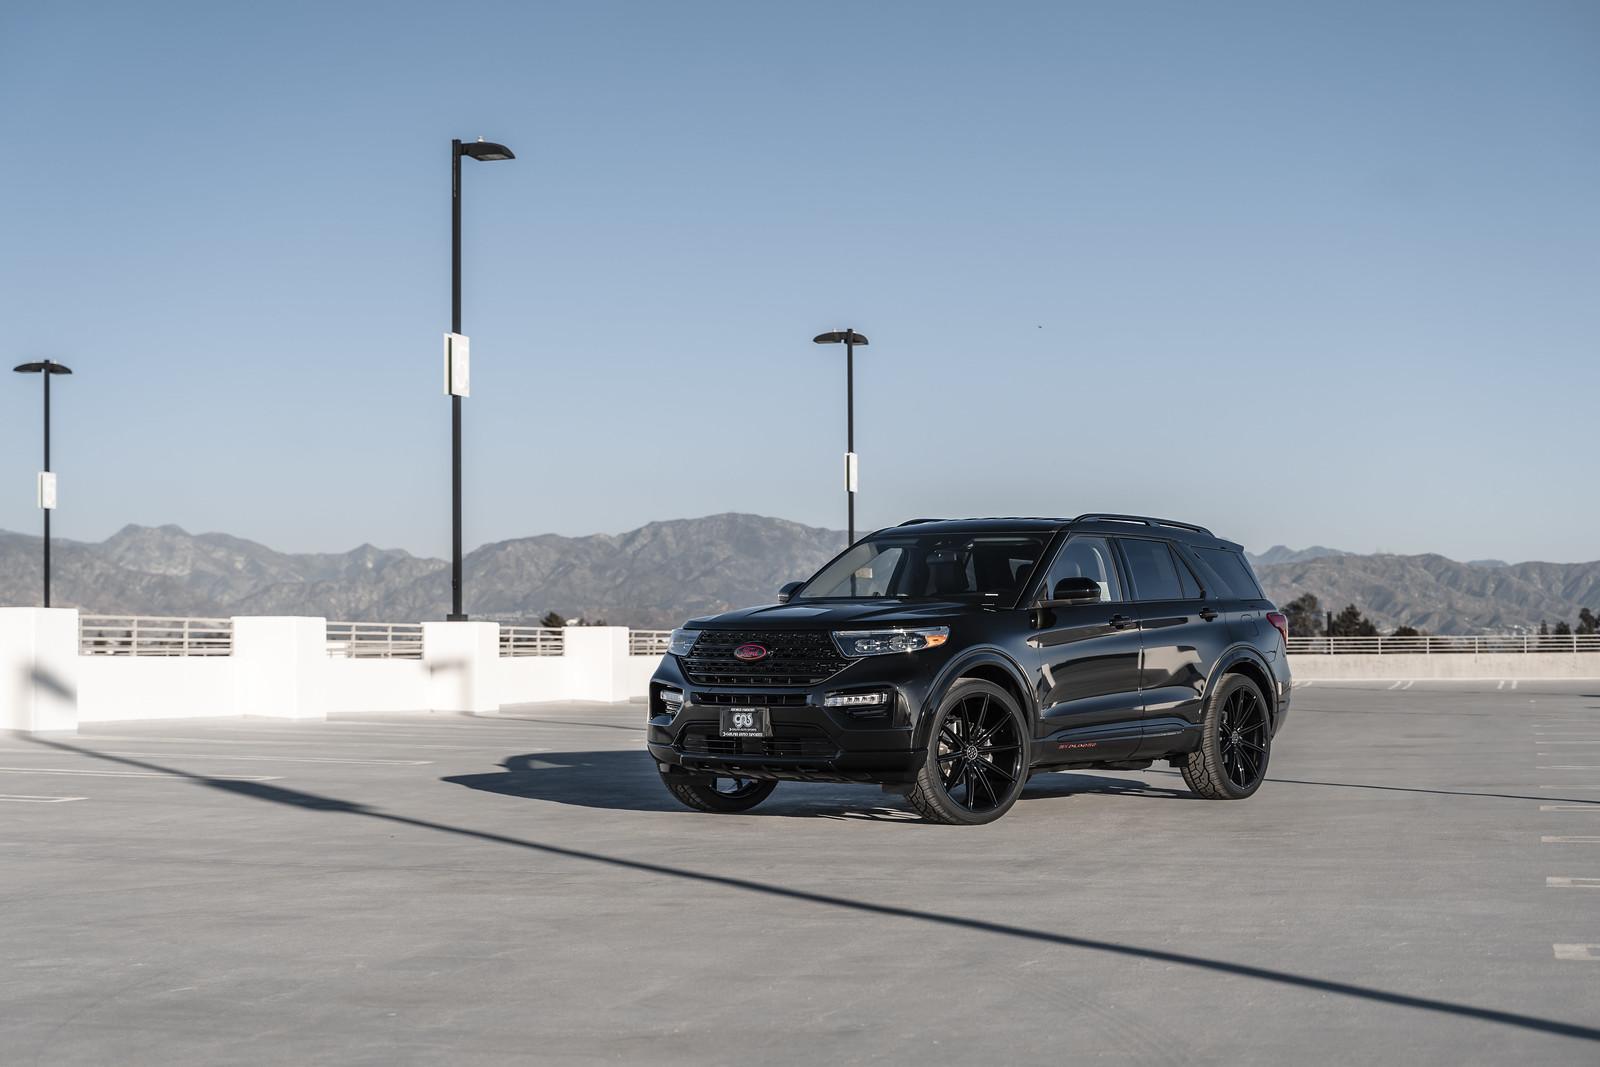 2021_Ford_Explorer_BD11_Gloss_Black_1